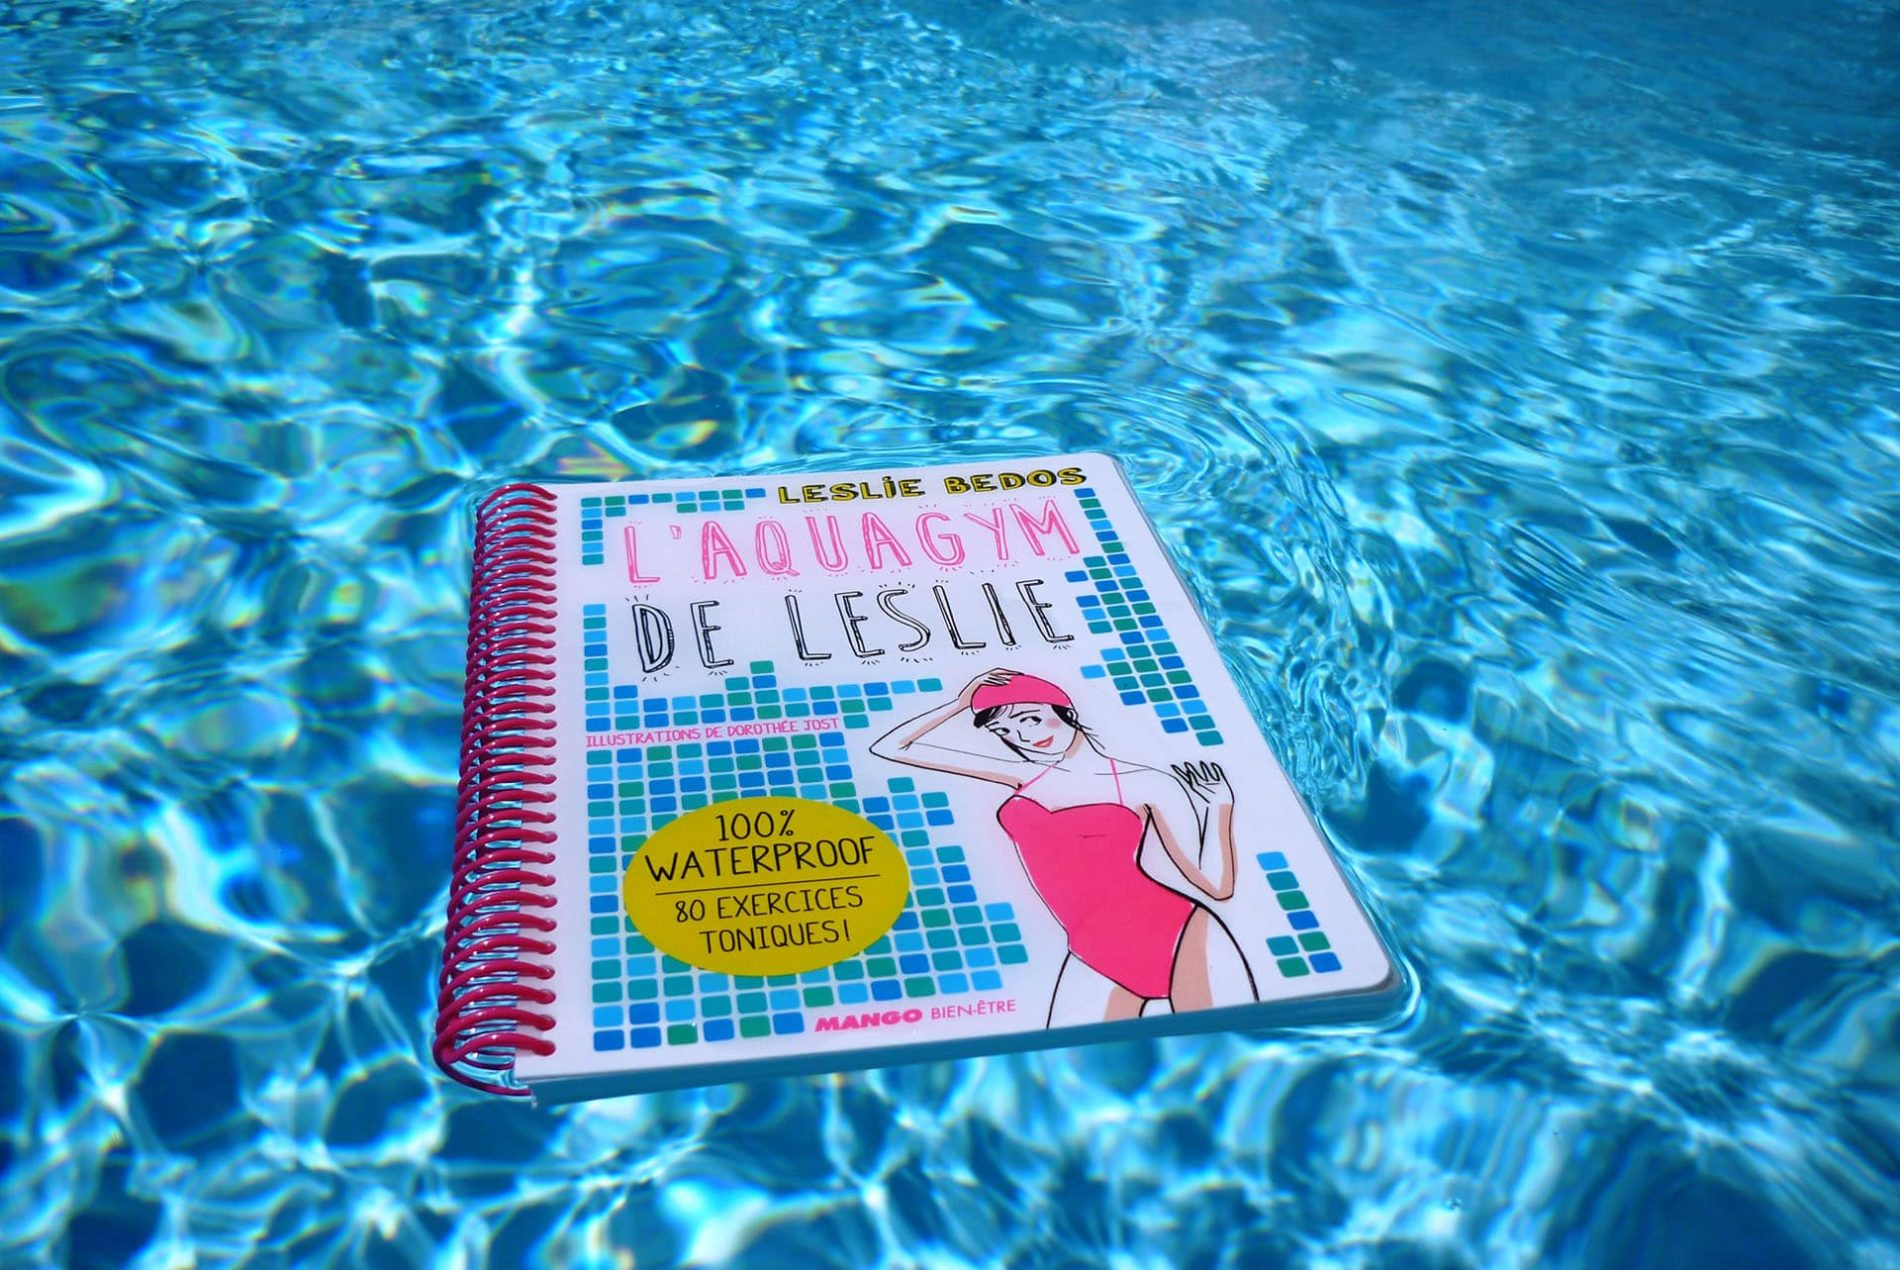 Aquagym de Leslie